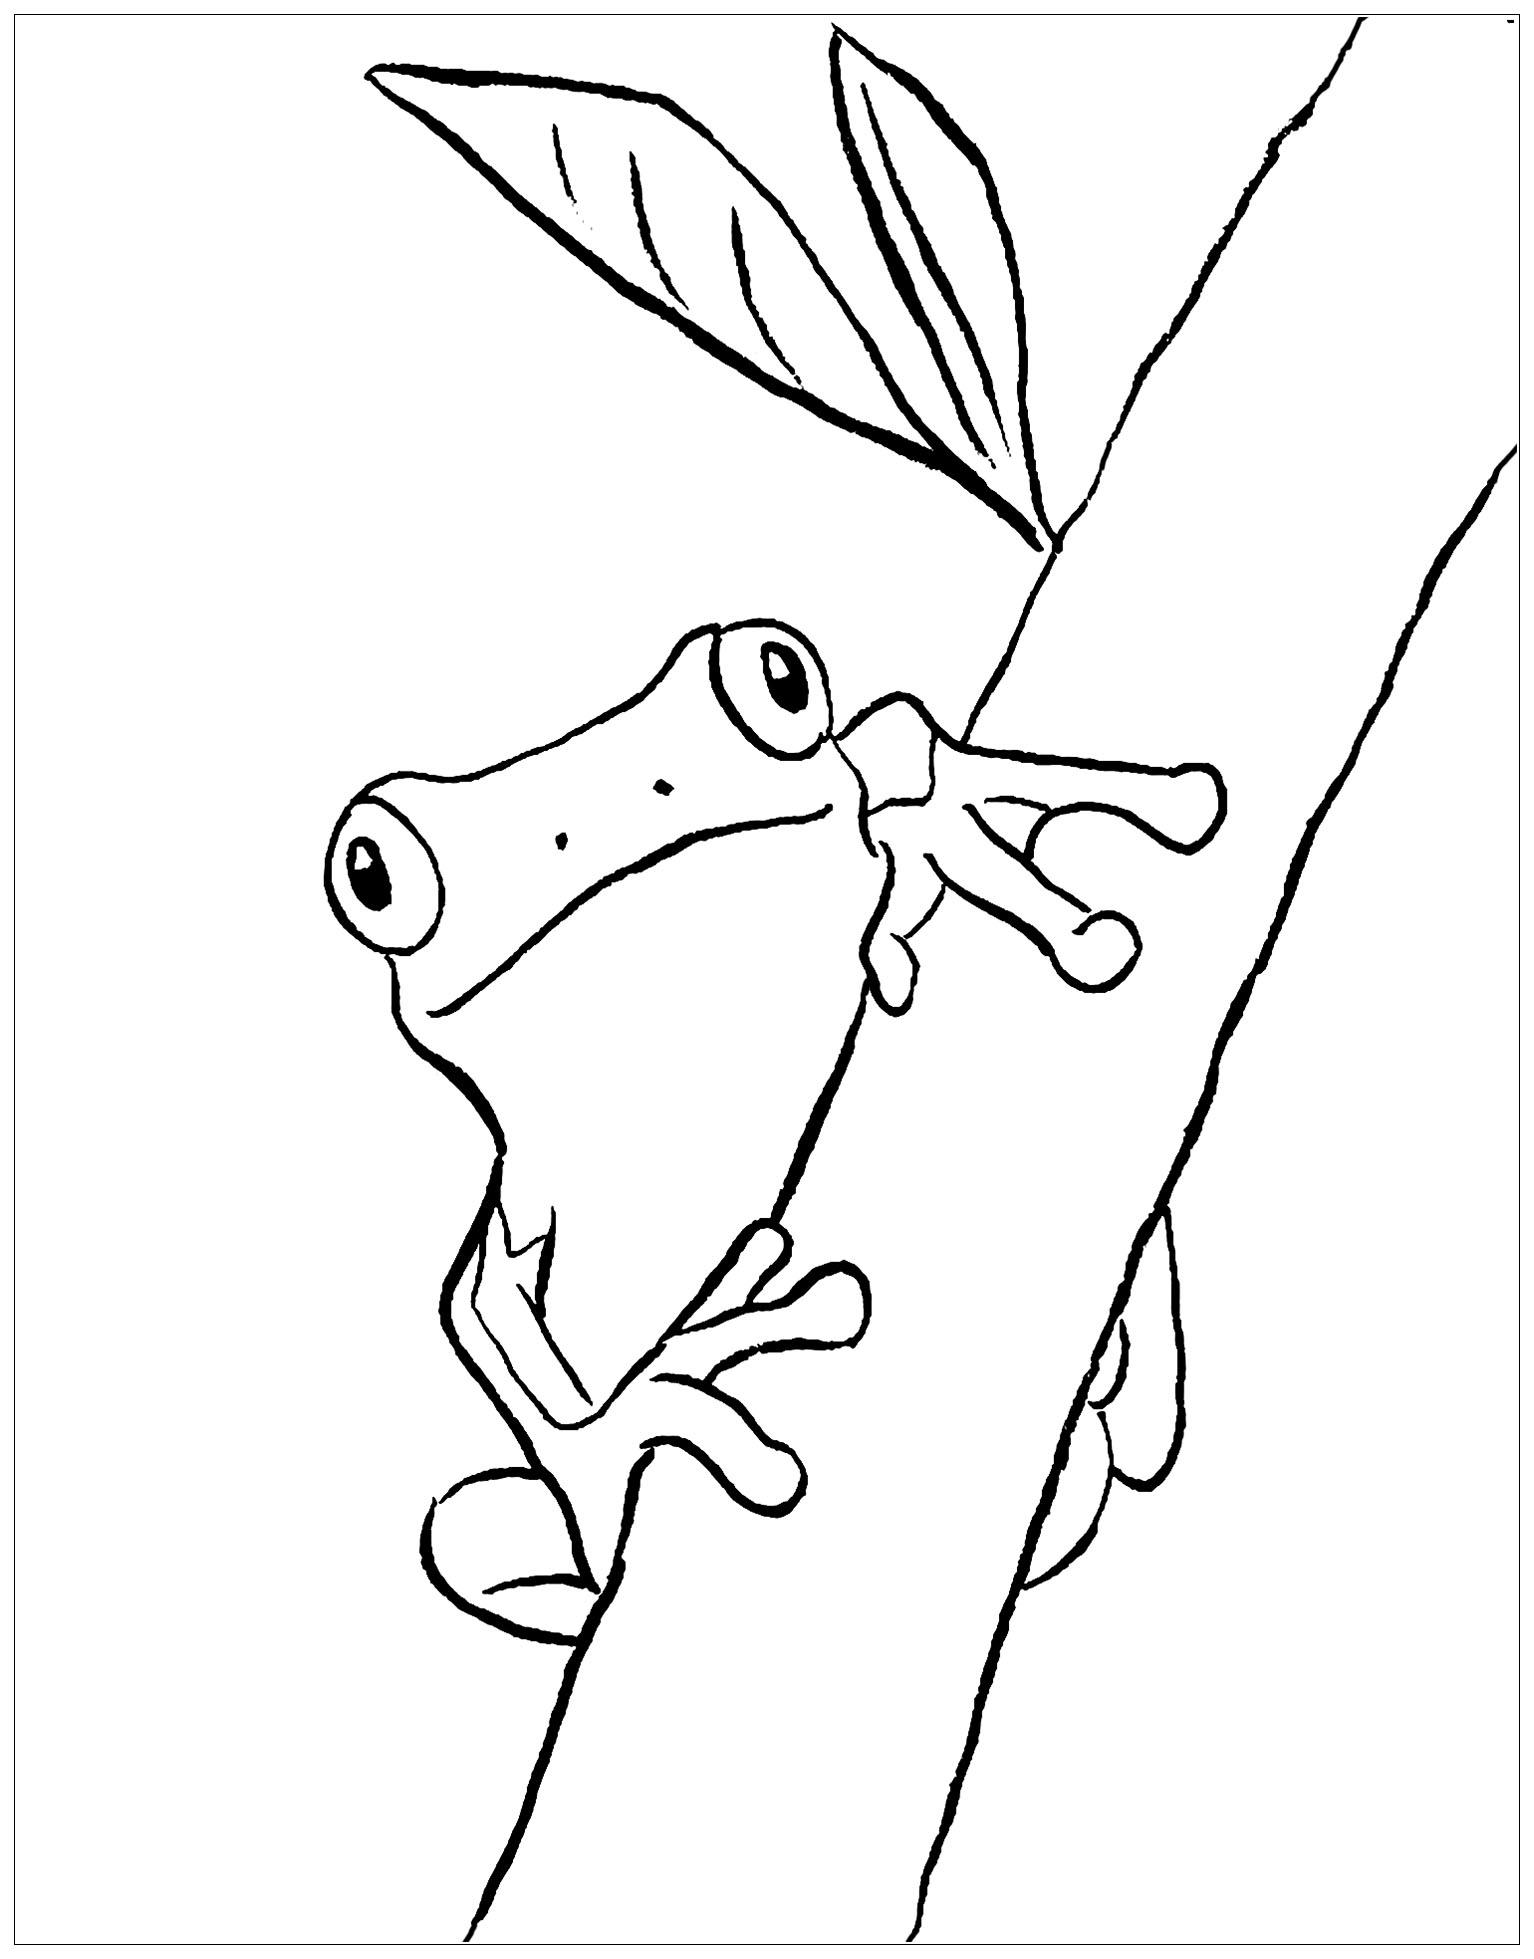 Dessin De Grenouille Gratuit A Imprimer Et Colorier Coloriage De Grenouilles Coloriages Pour Enfants